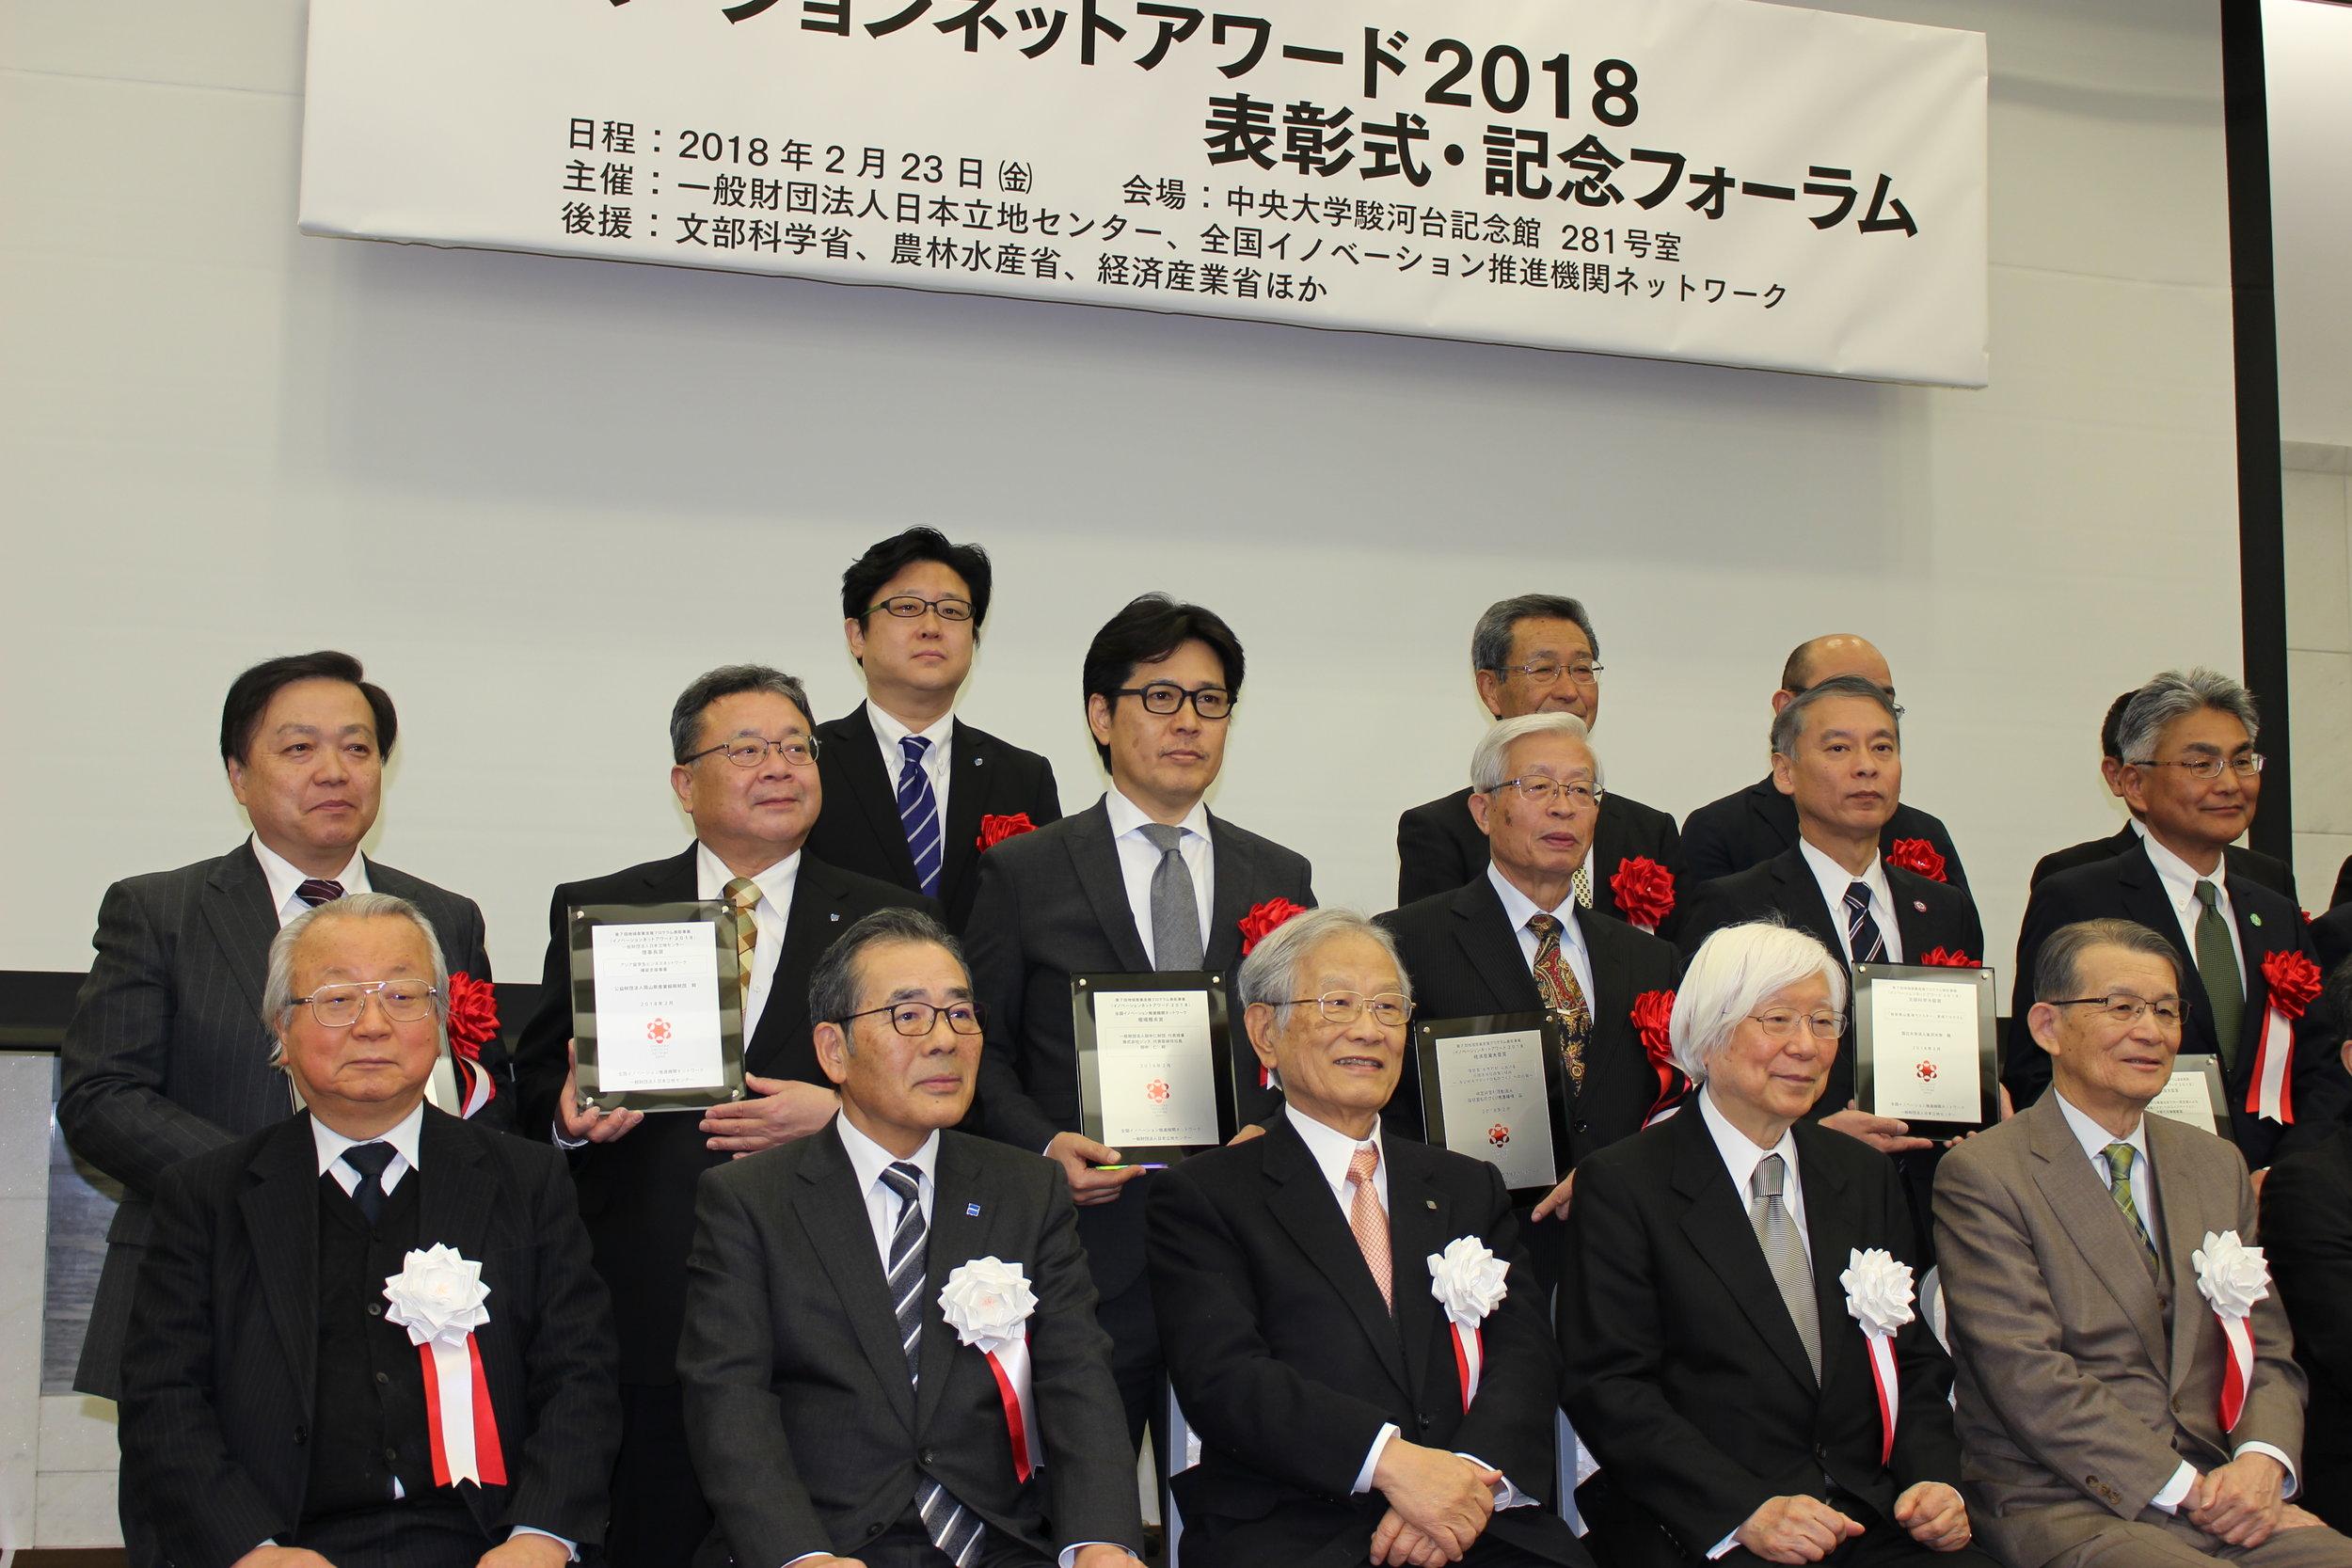 2018.02.09   「イノベーションネットアワード2018」にて、堀場雅夫賞を受賞しました。